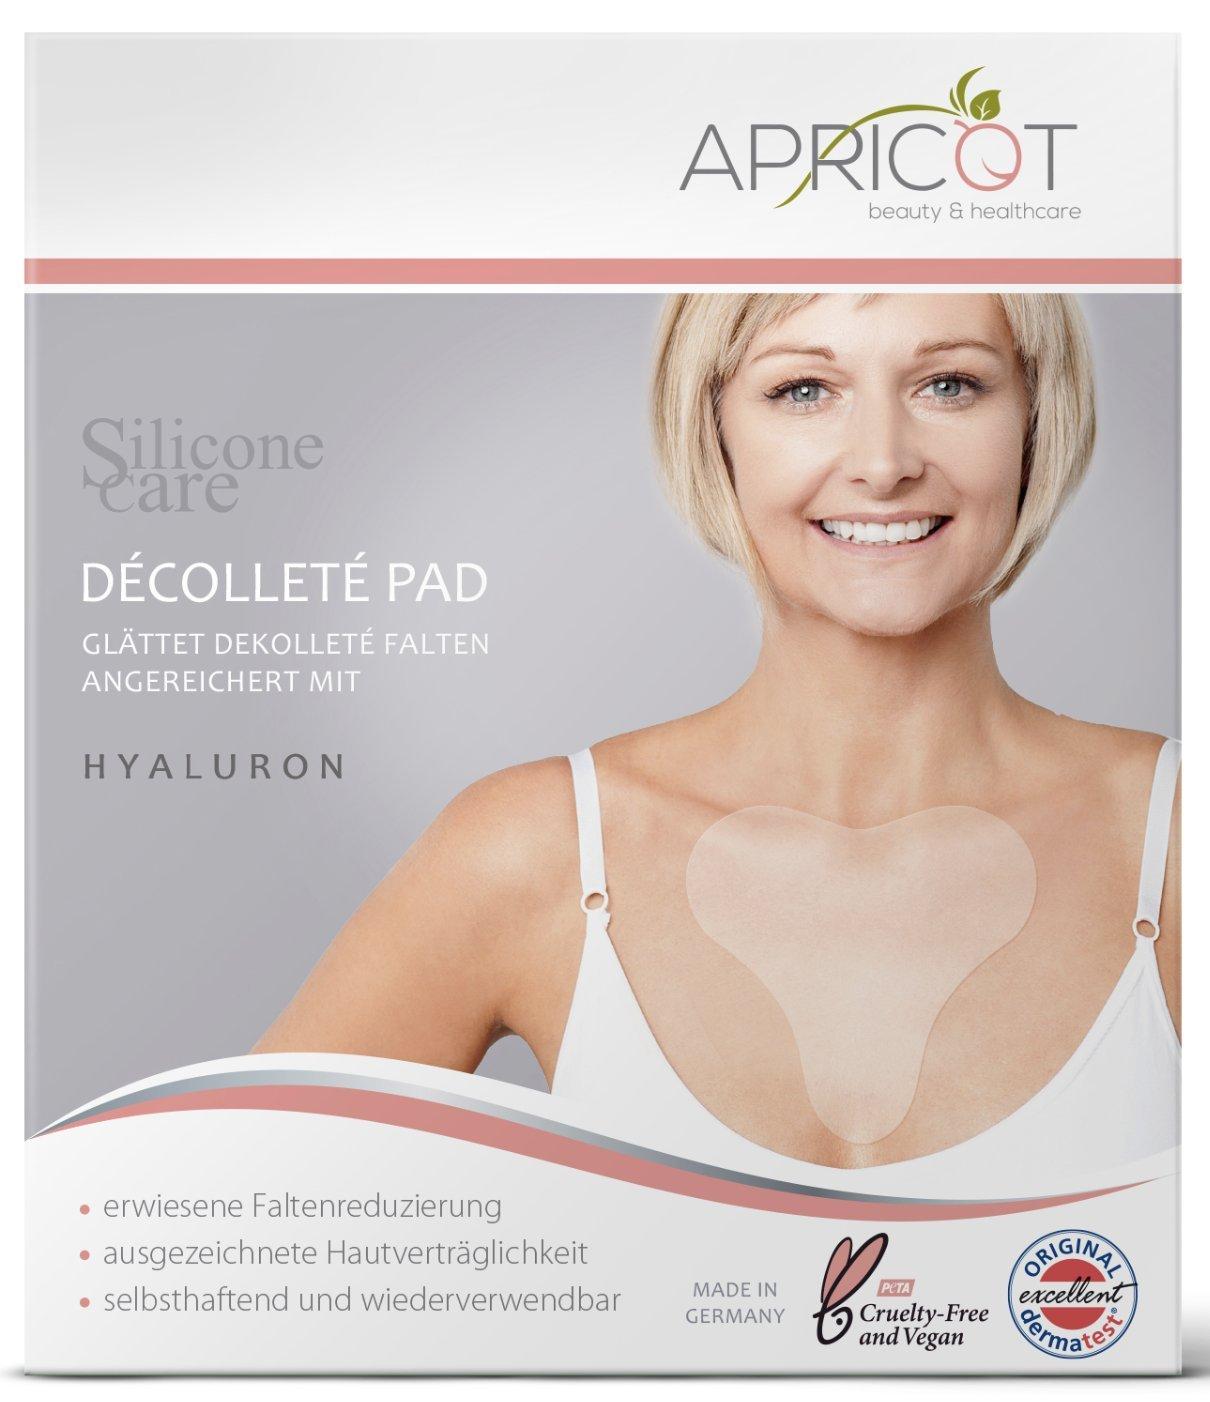 NUEVO! Silicone Care El parche antiarrugas para el escote original de Silicone care - APRICOT - Premium Variante con hialurónico!: Amazon.es: Belleza